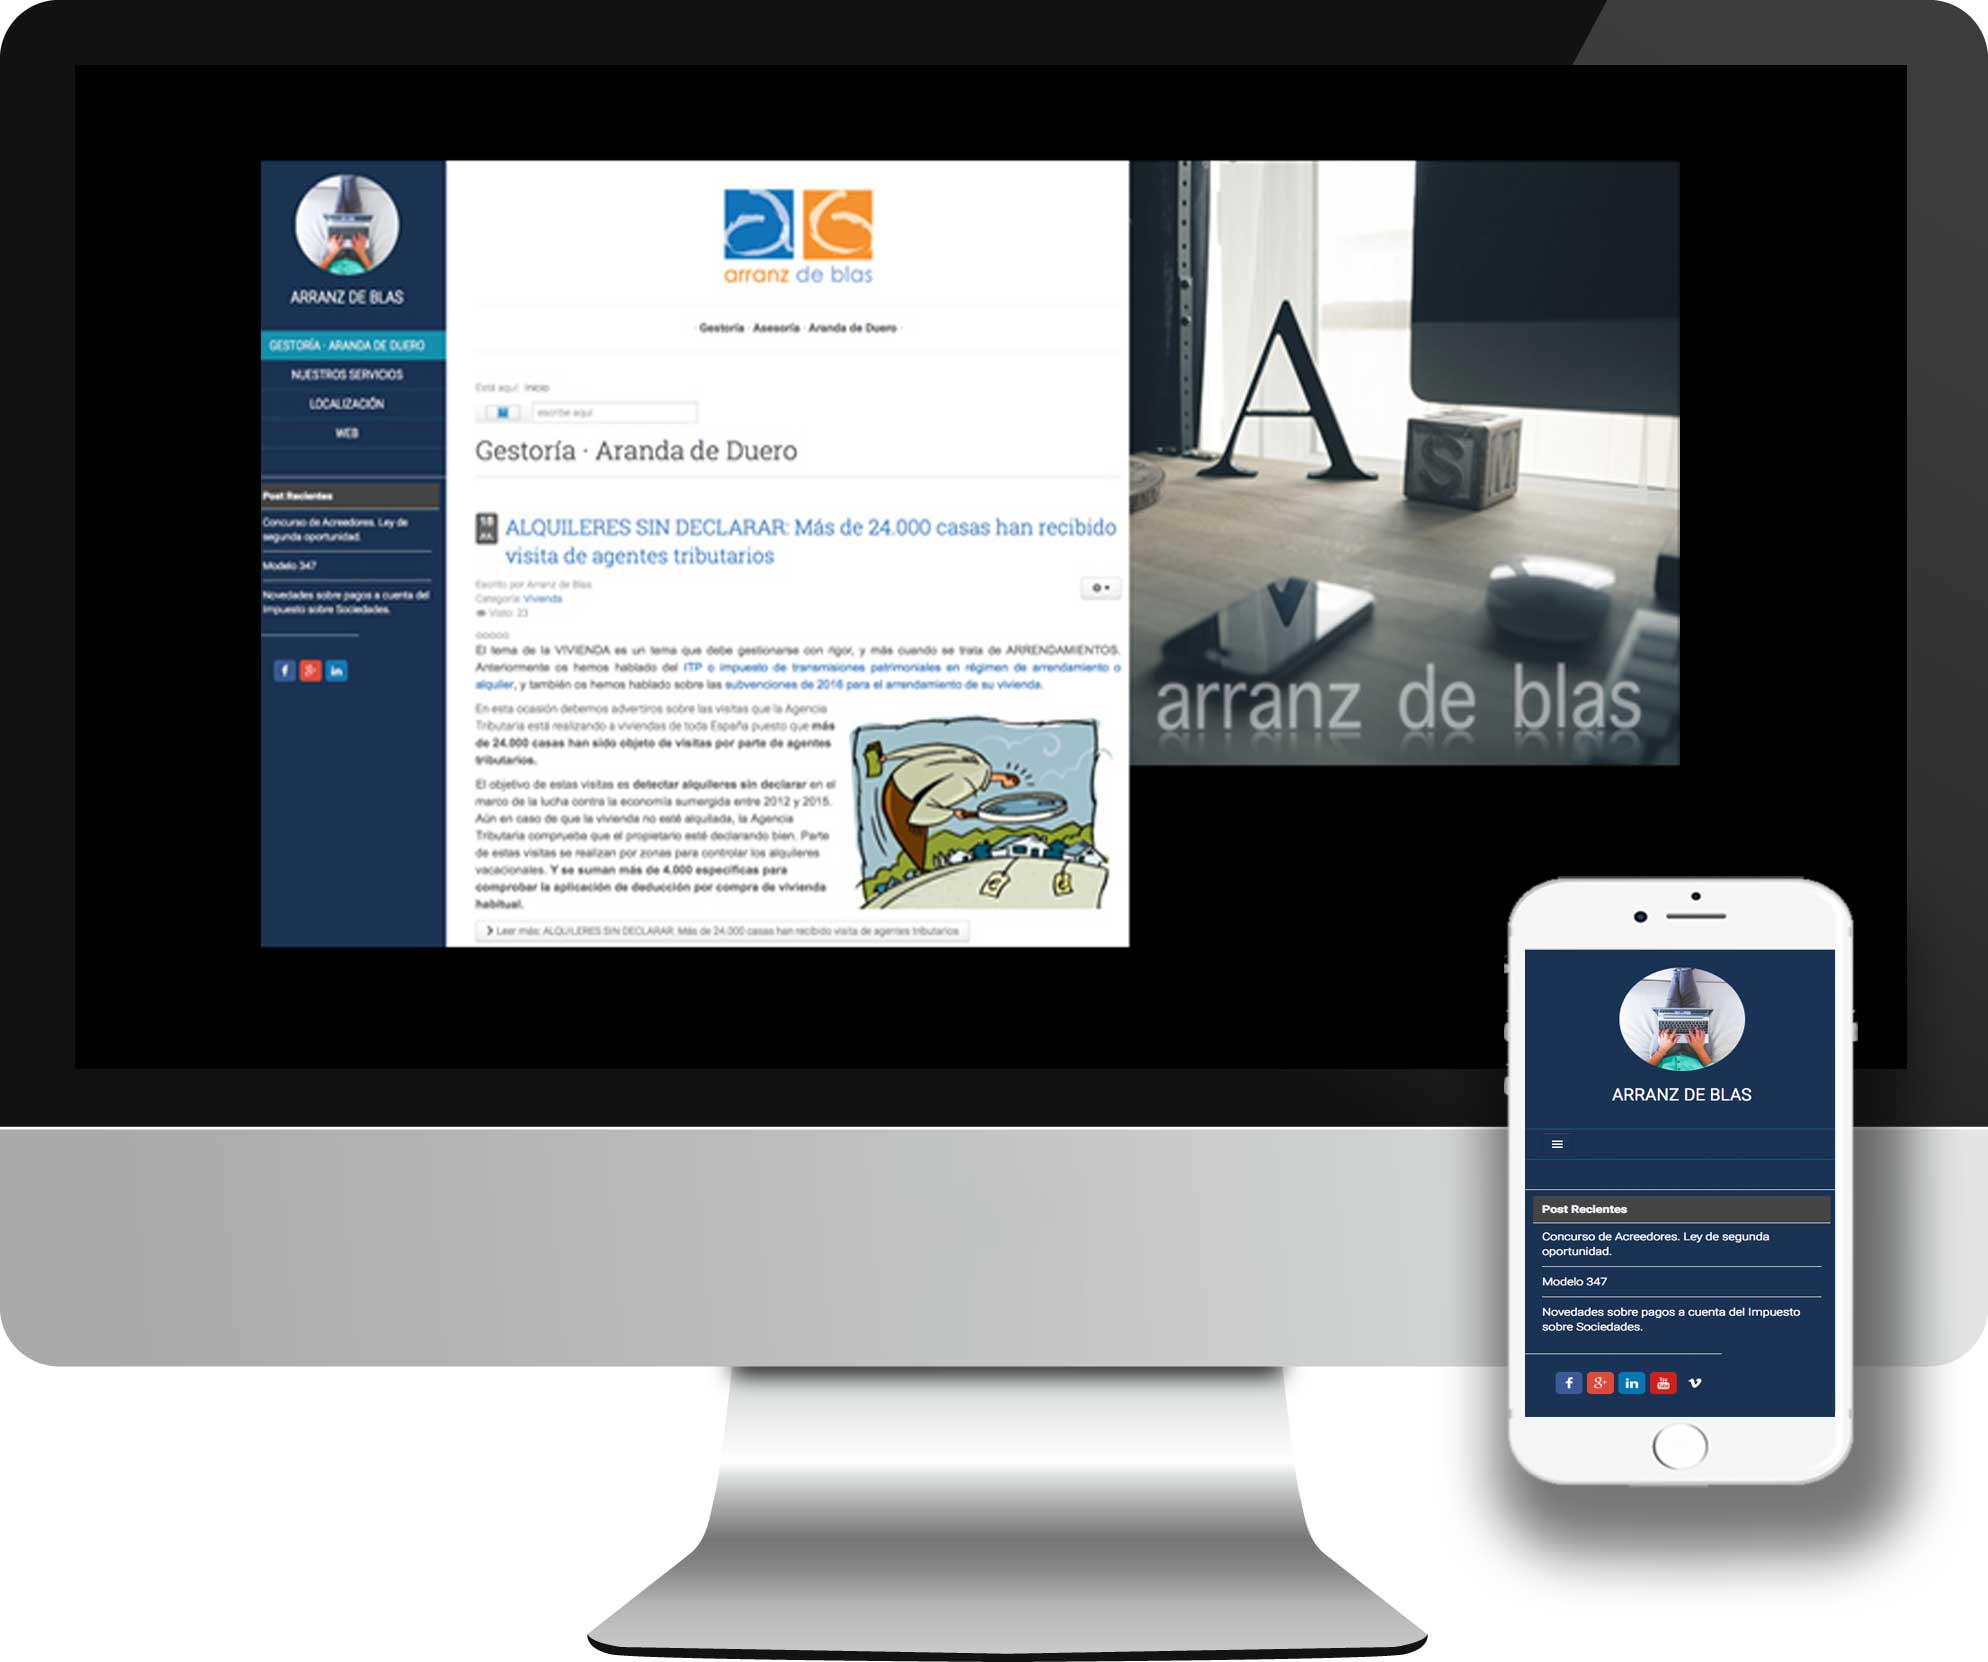 Blog desarrollado en Joomla! para la gestoria administrativa Arranz de Blas